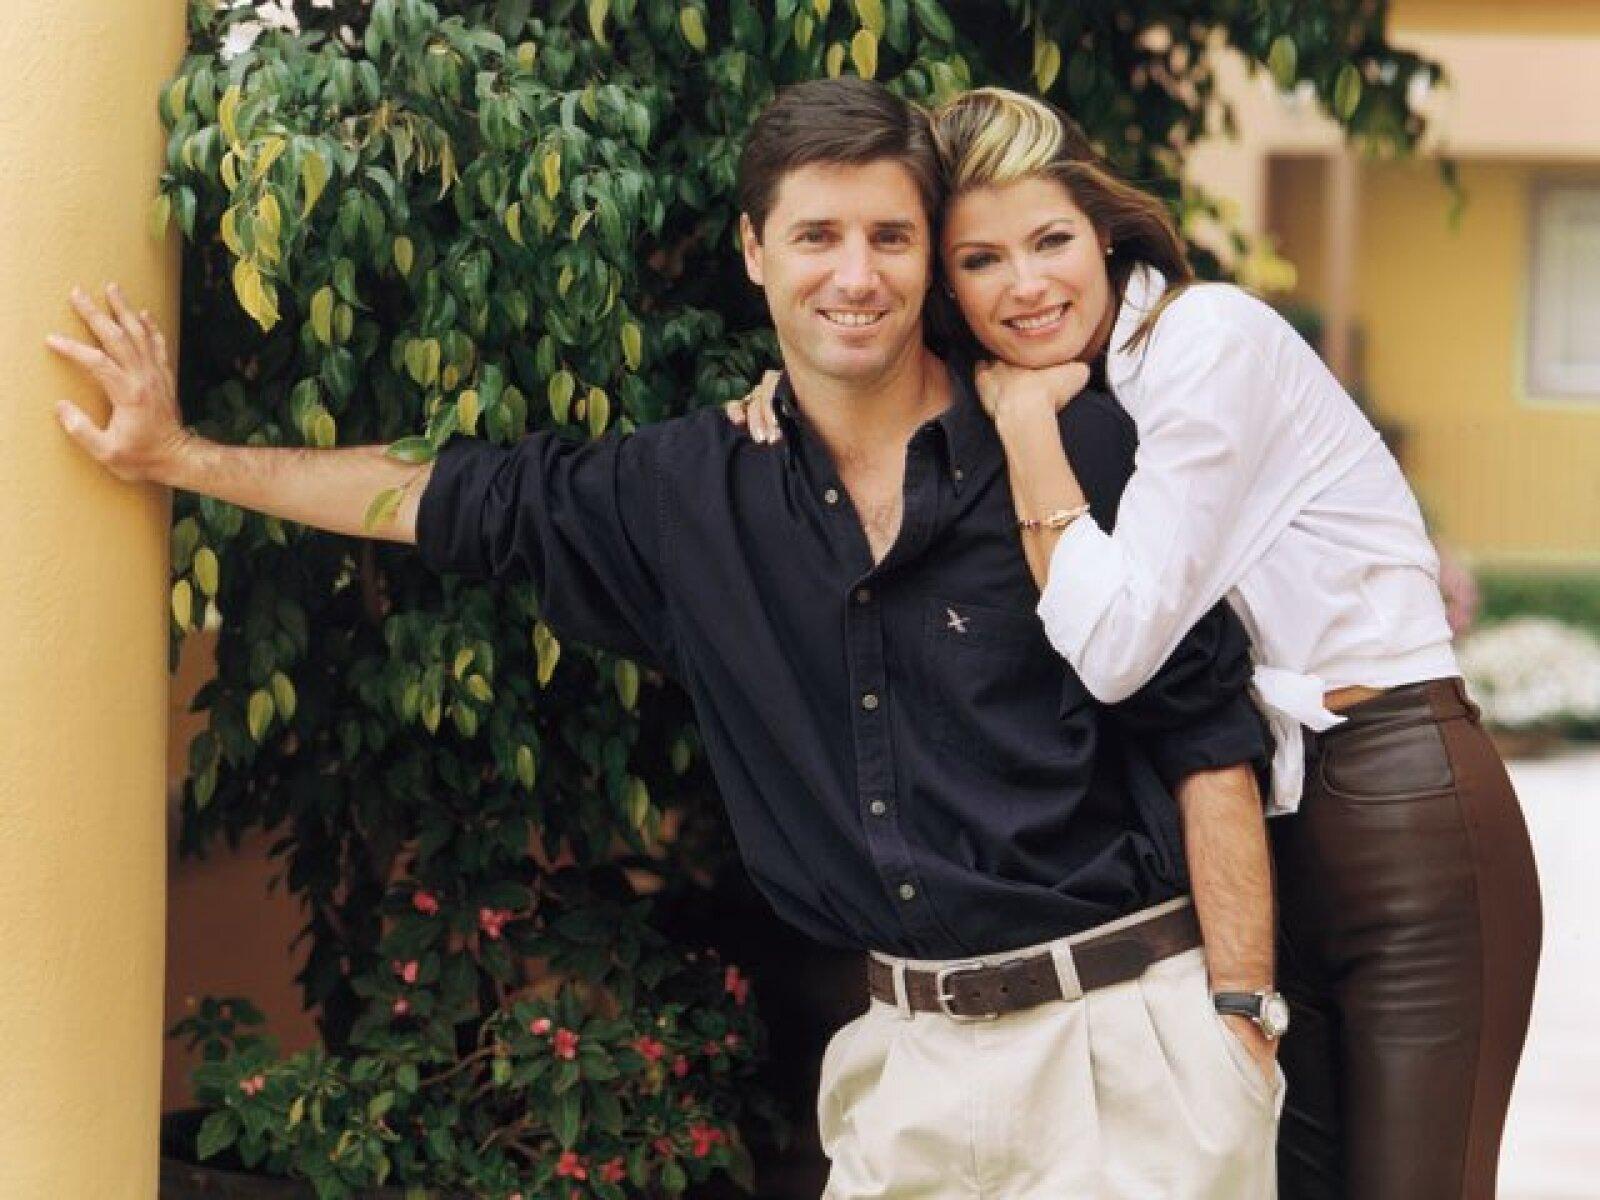 Mónica Gallardo y Víctor Barreiro se conocieron un 30 de abril de 1988. En 1993 Víctor le pidió unieran sus vidas y sí lo hicieron. Actualmente tienen dos hijos y radican en la ciudad de México.